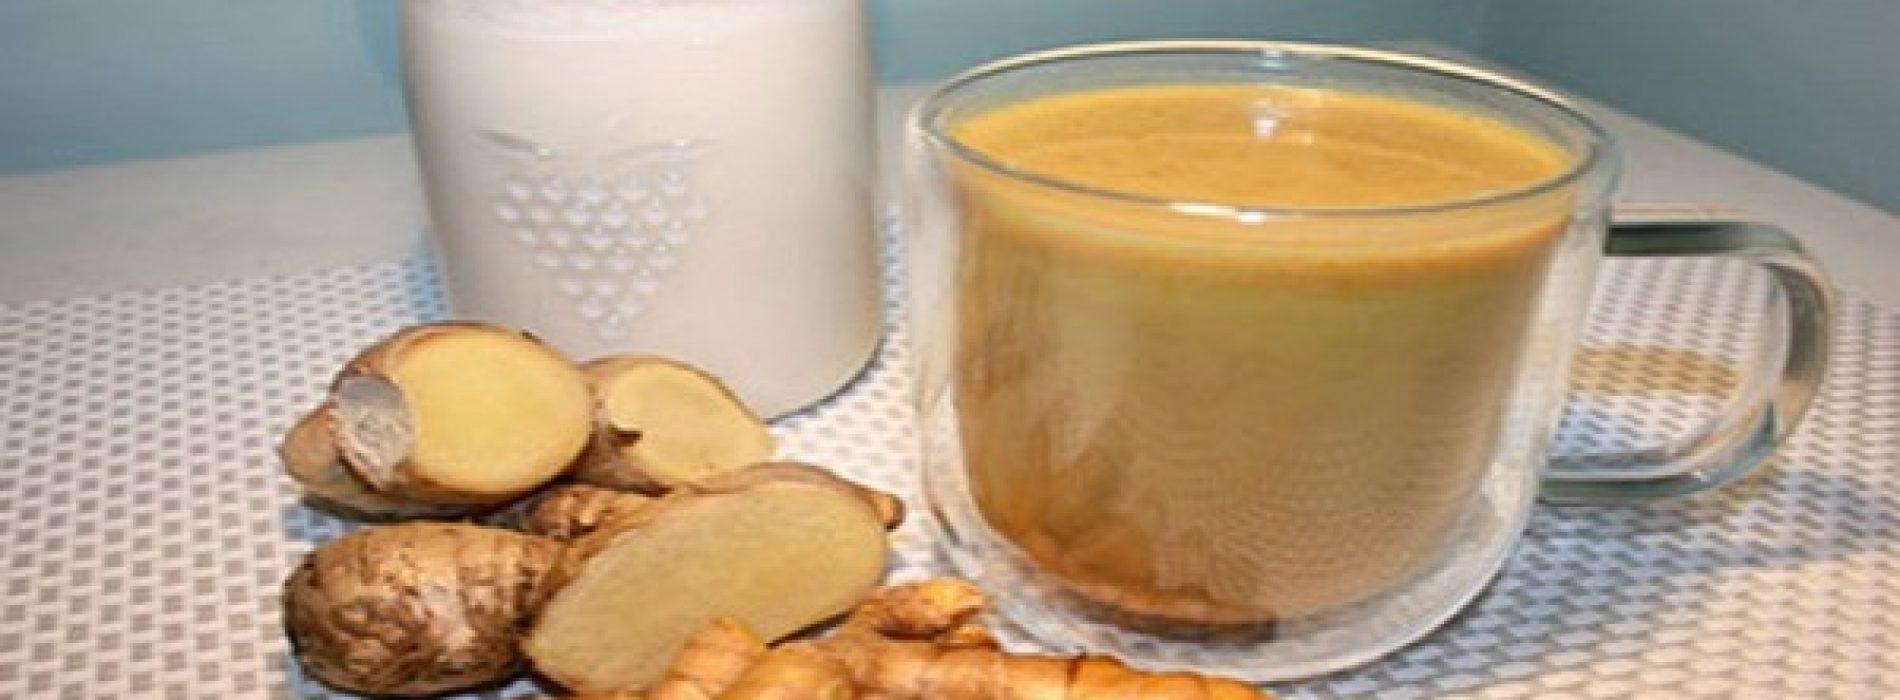 Verwijder lever gifstoffen snel door gember en kurkuma te mengen met kokosmelk